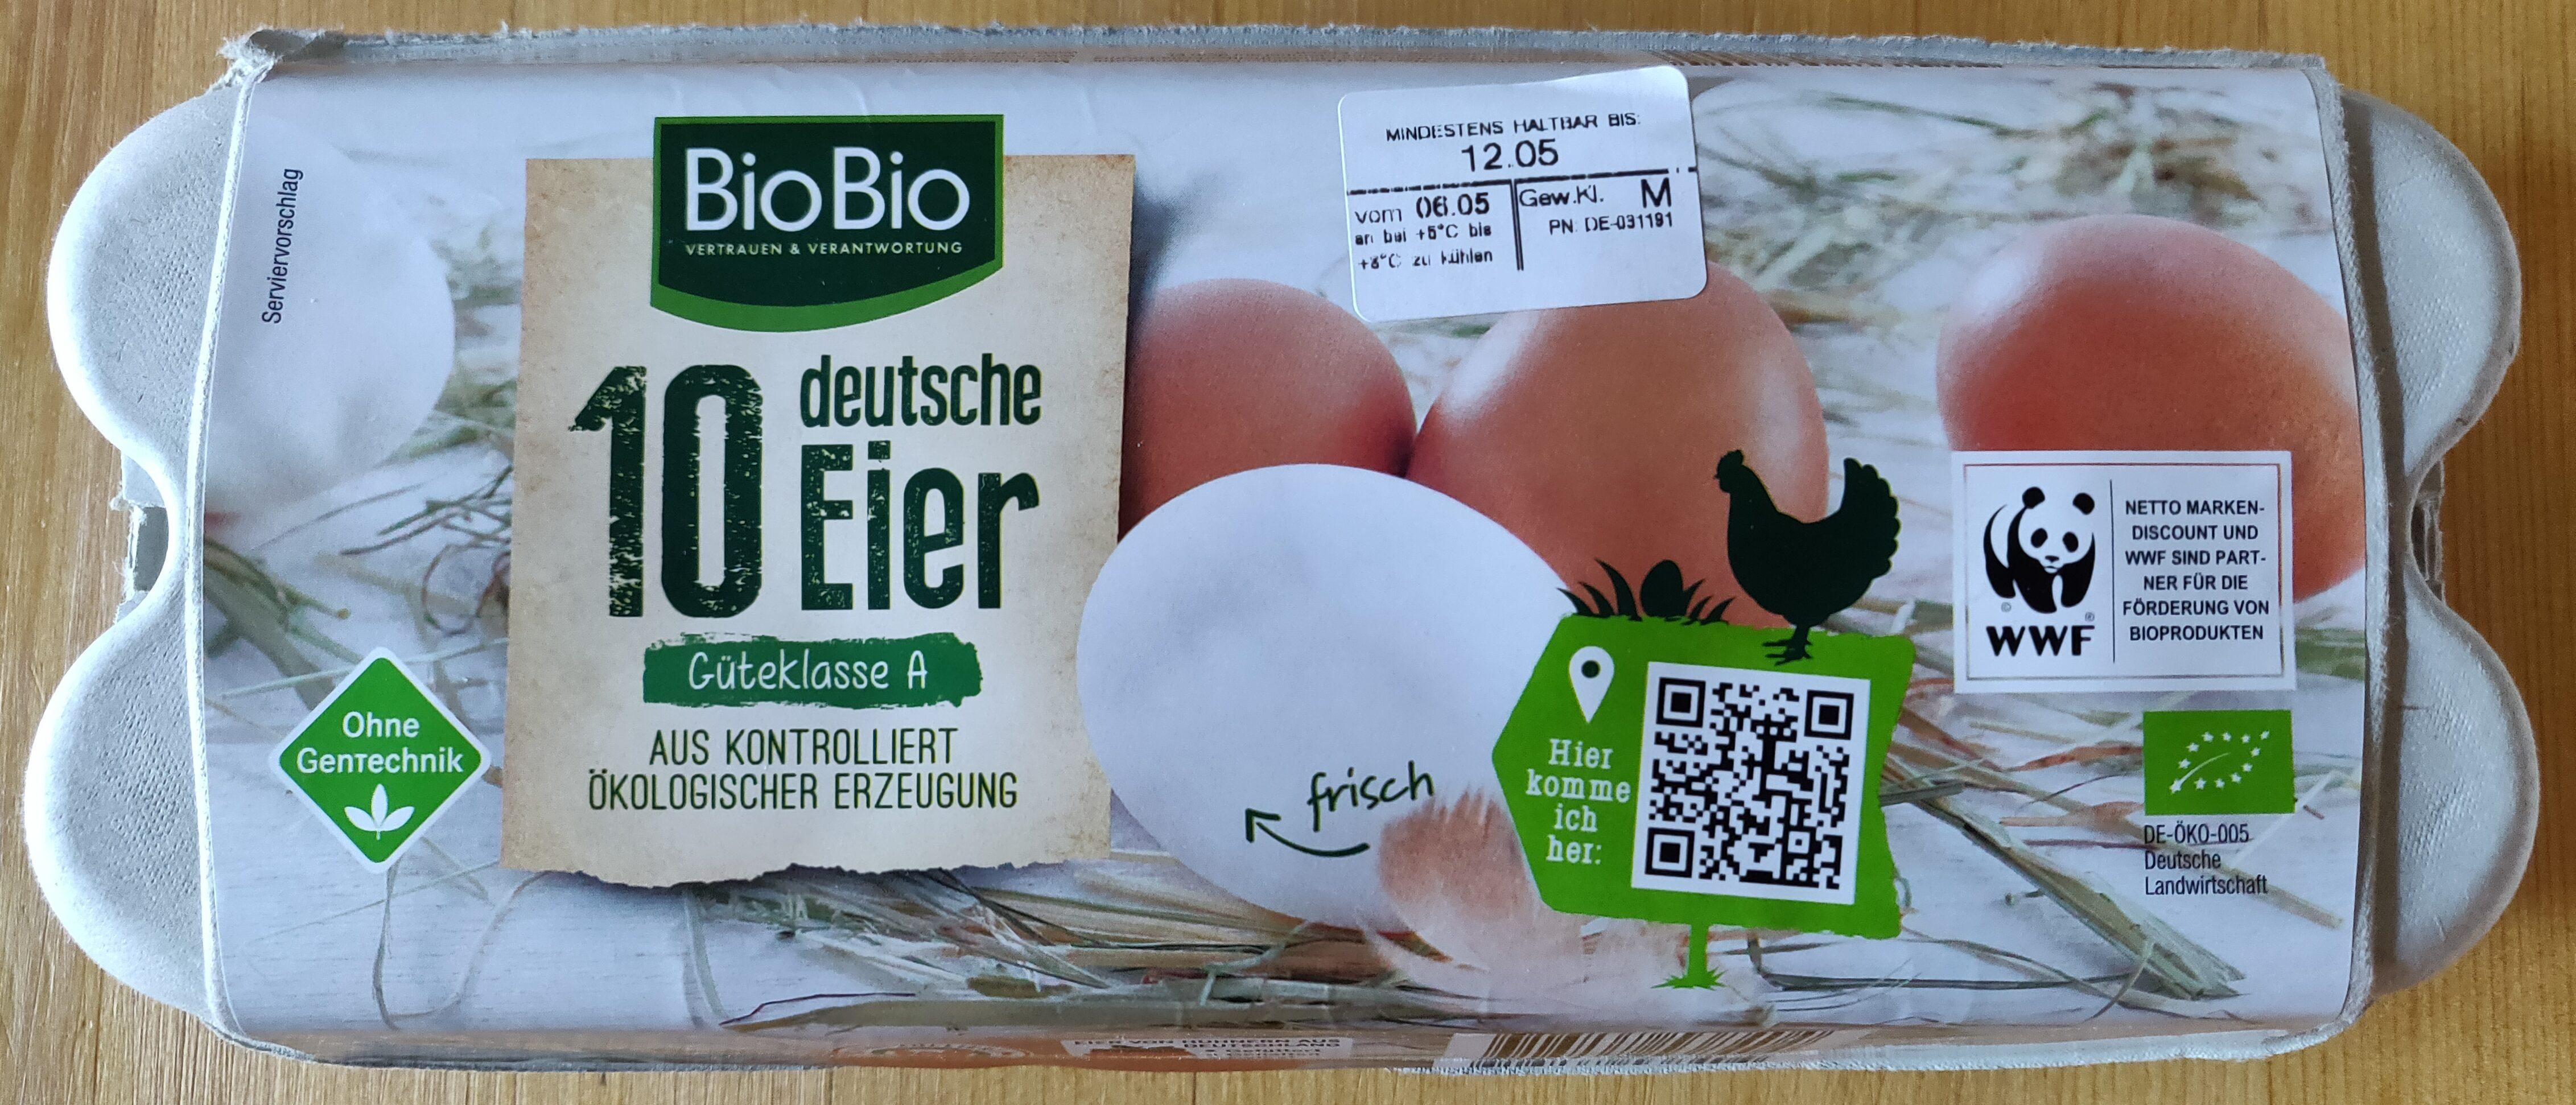 10 deutsche Eier - Produit - de